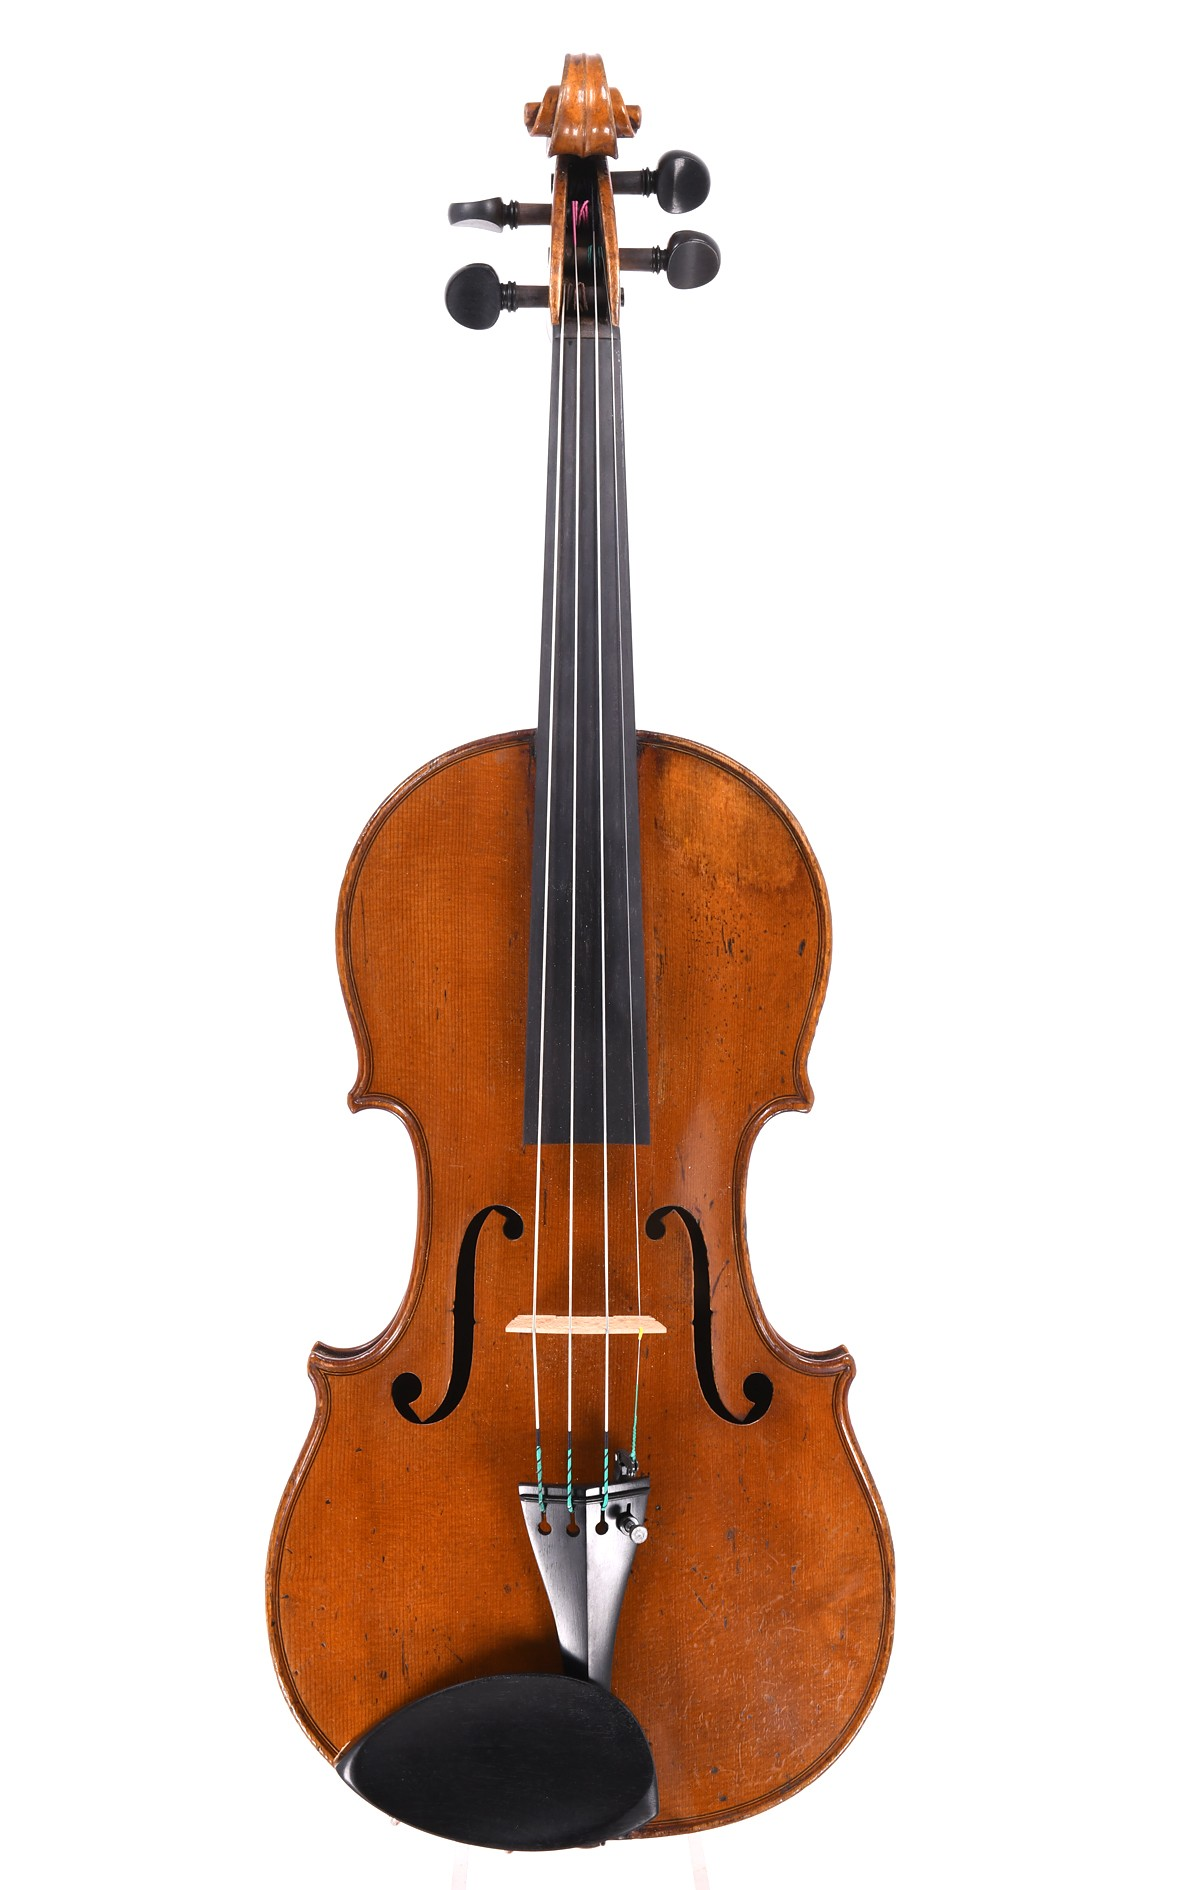 H. Derazey violin